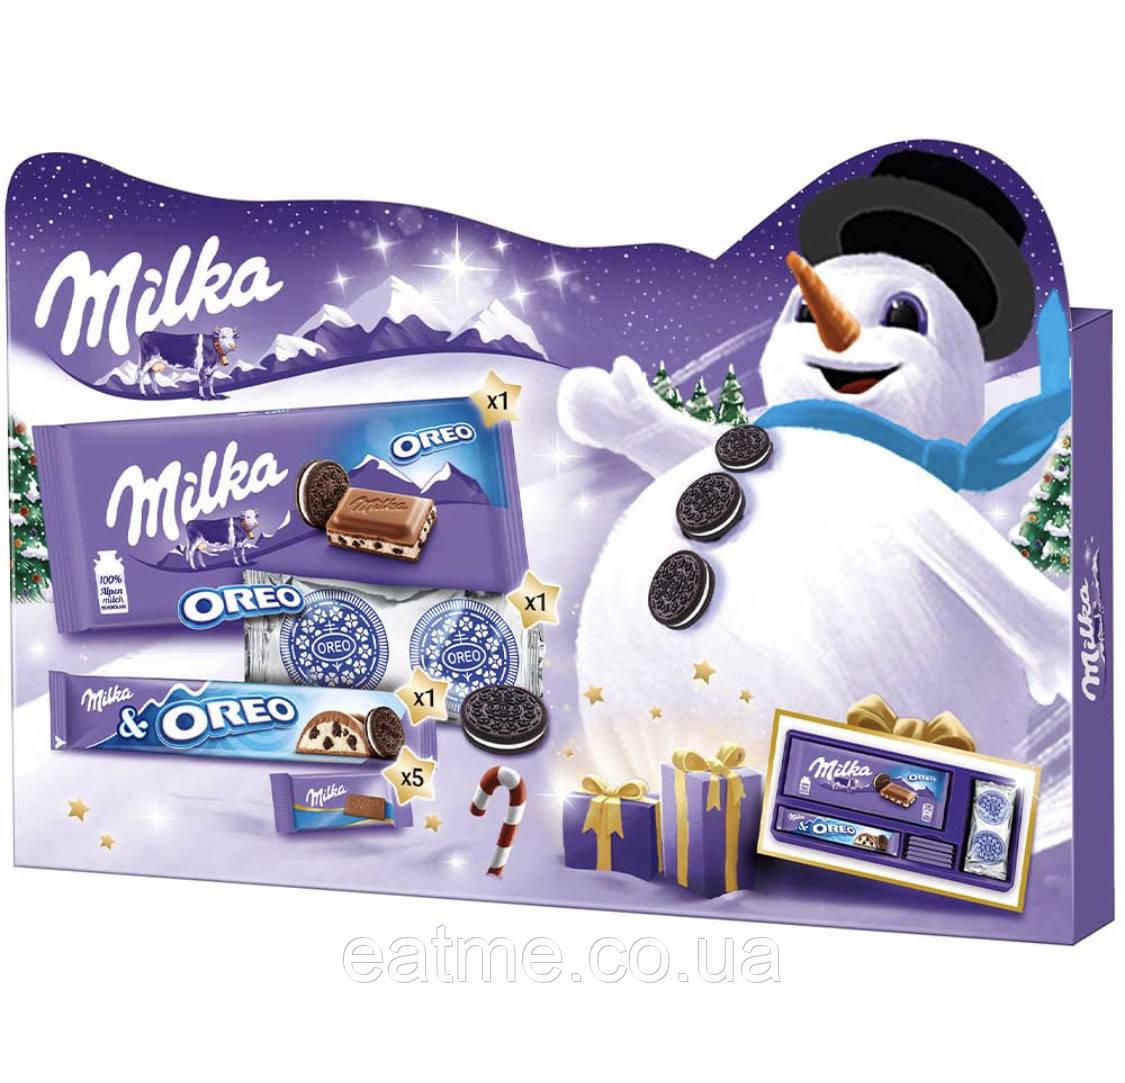 Подарочный набор Milka+Oreo